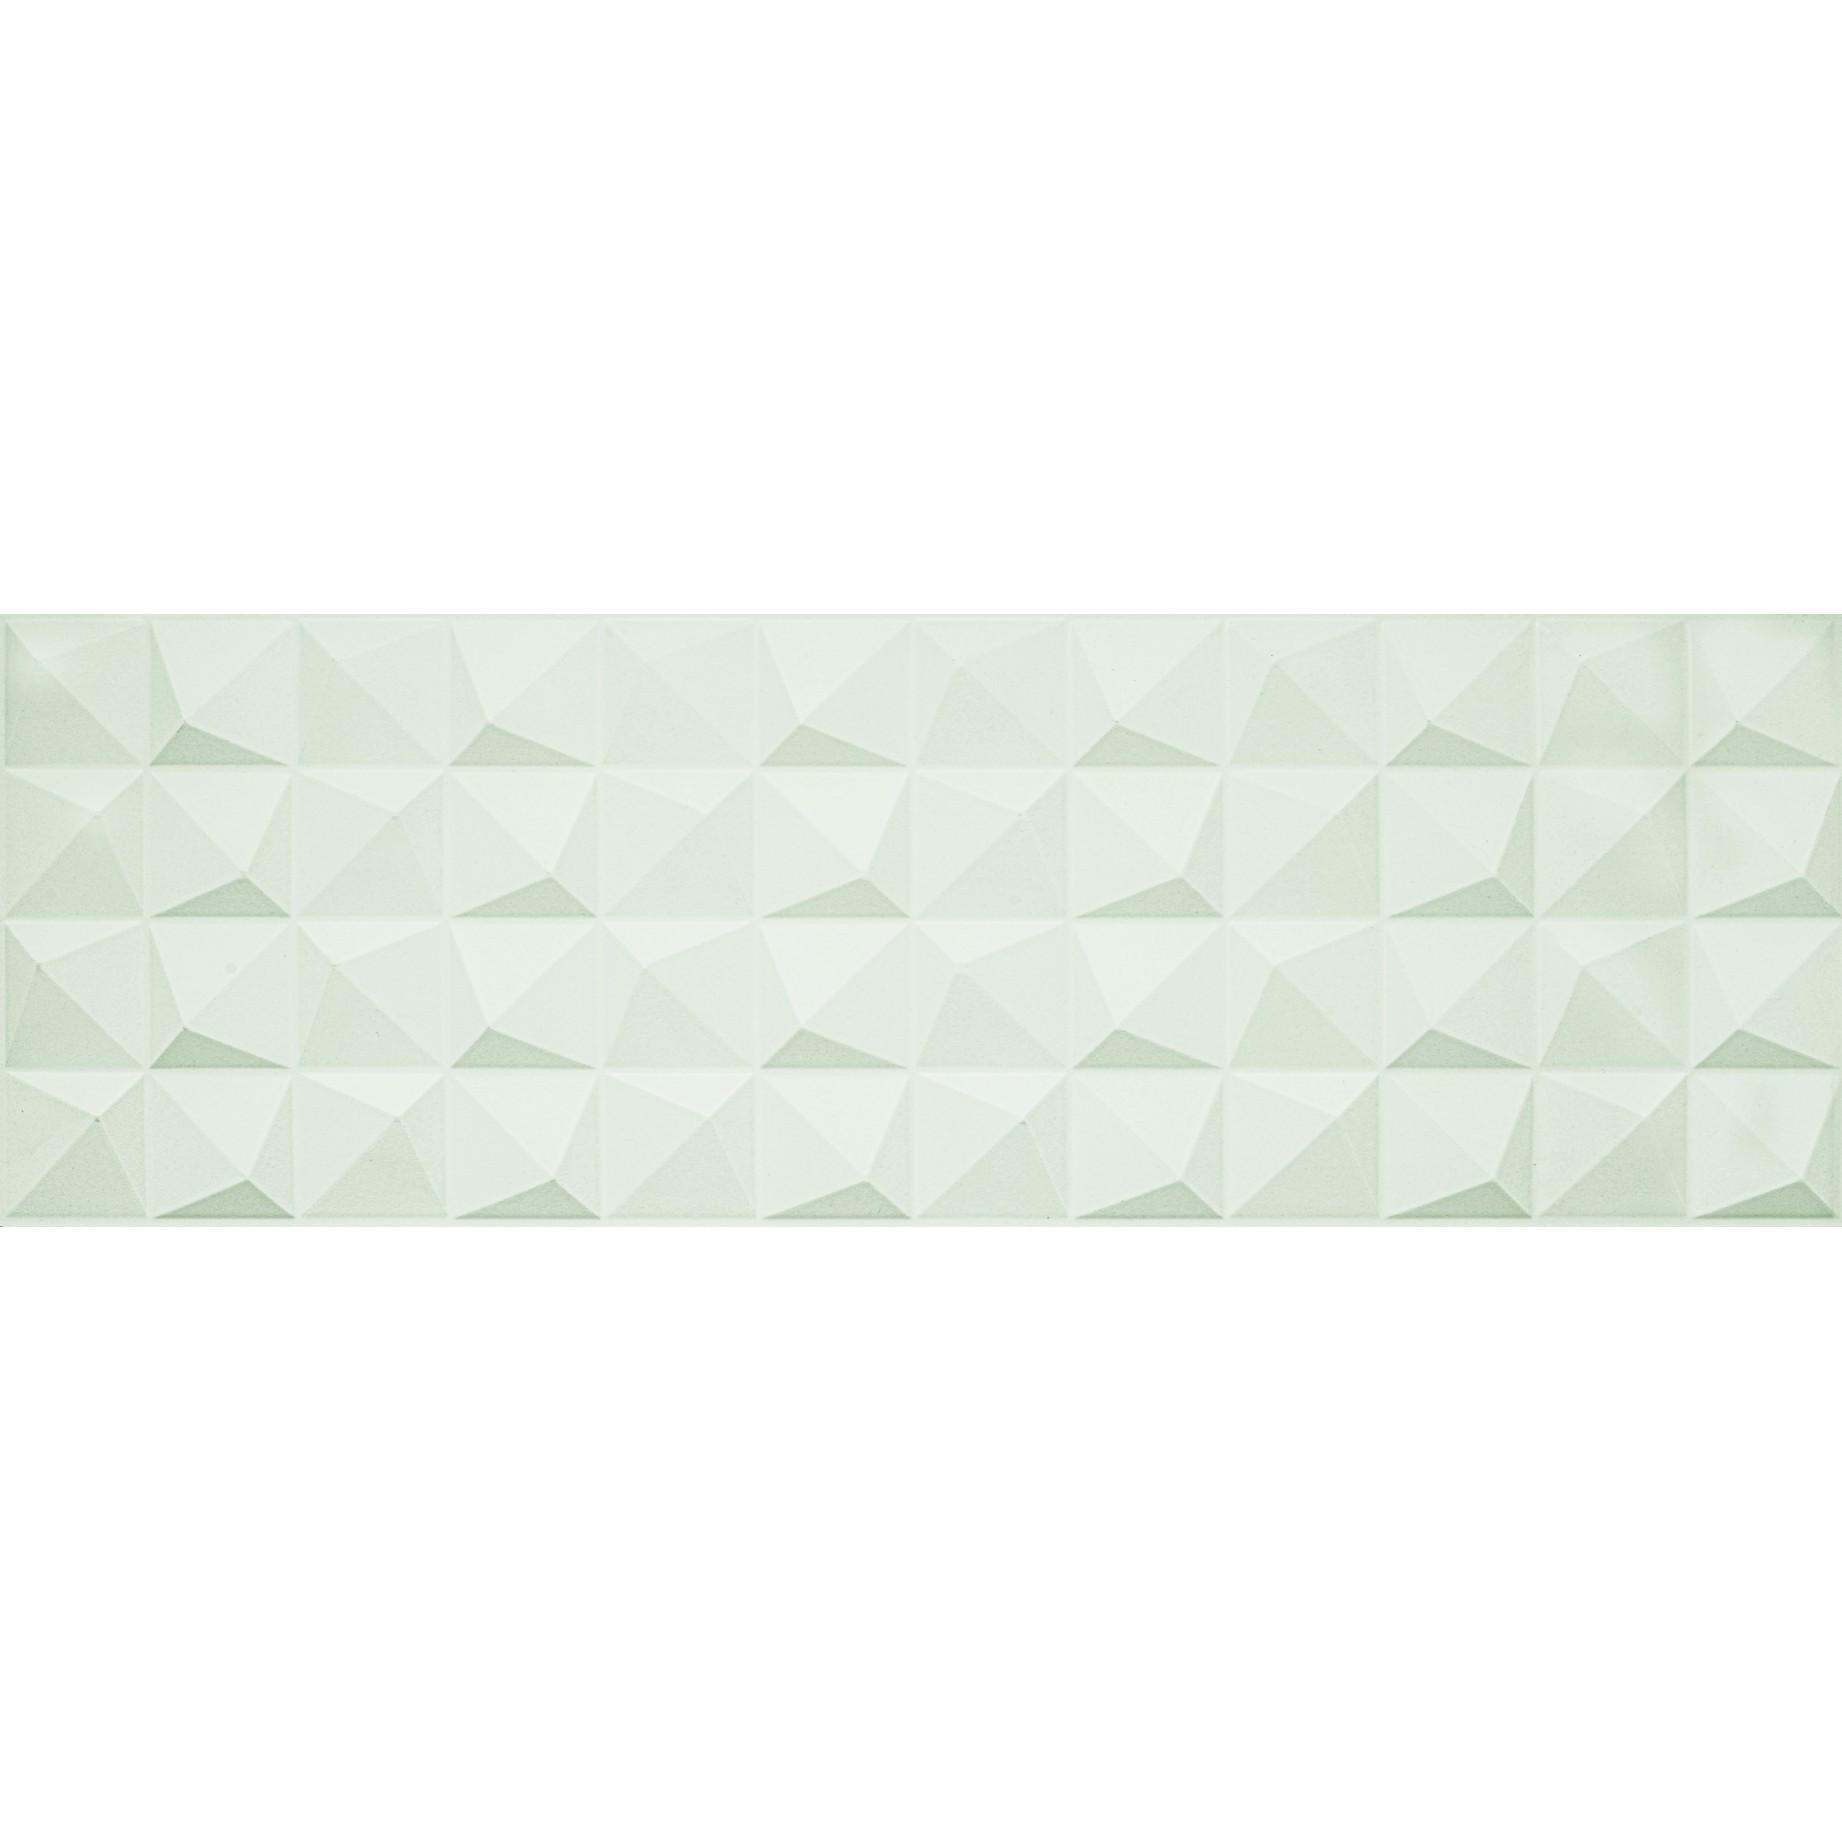 Revestimento Tipo A Roca Acetinado 30x902 cm Plier Sage 081m - Verde Claro